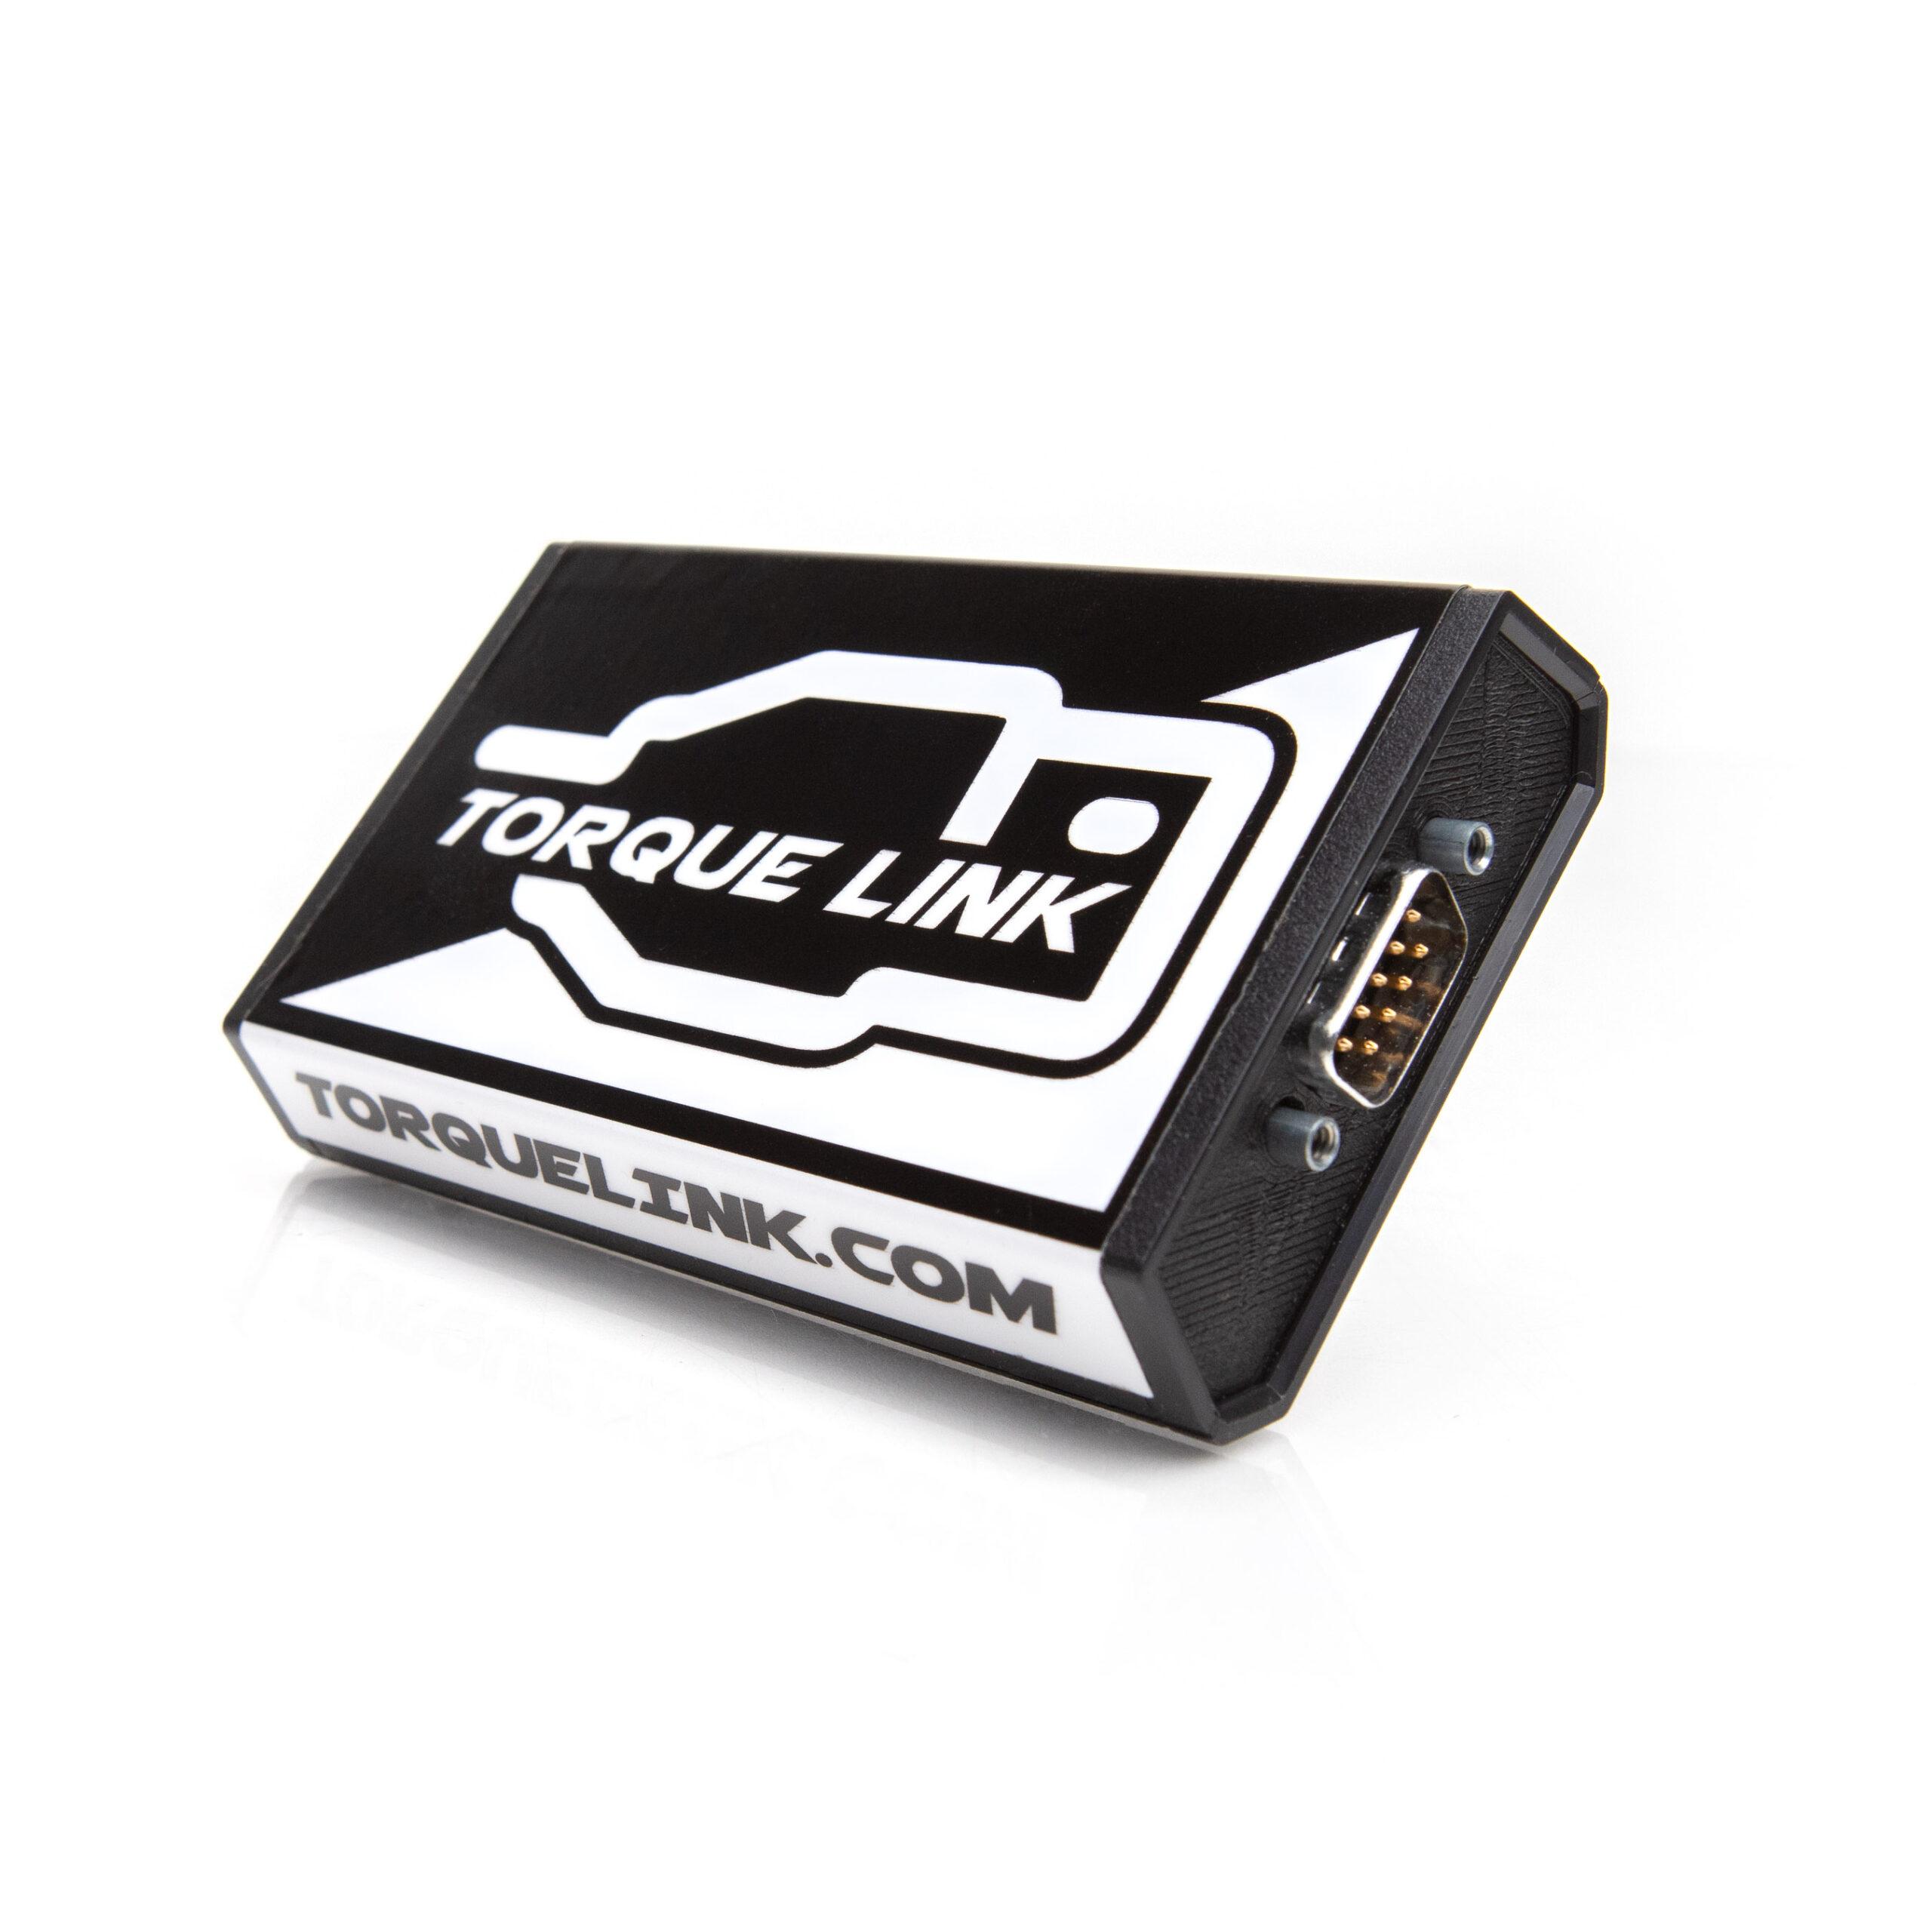 torquelink.com